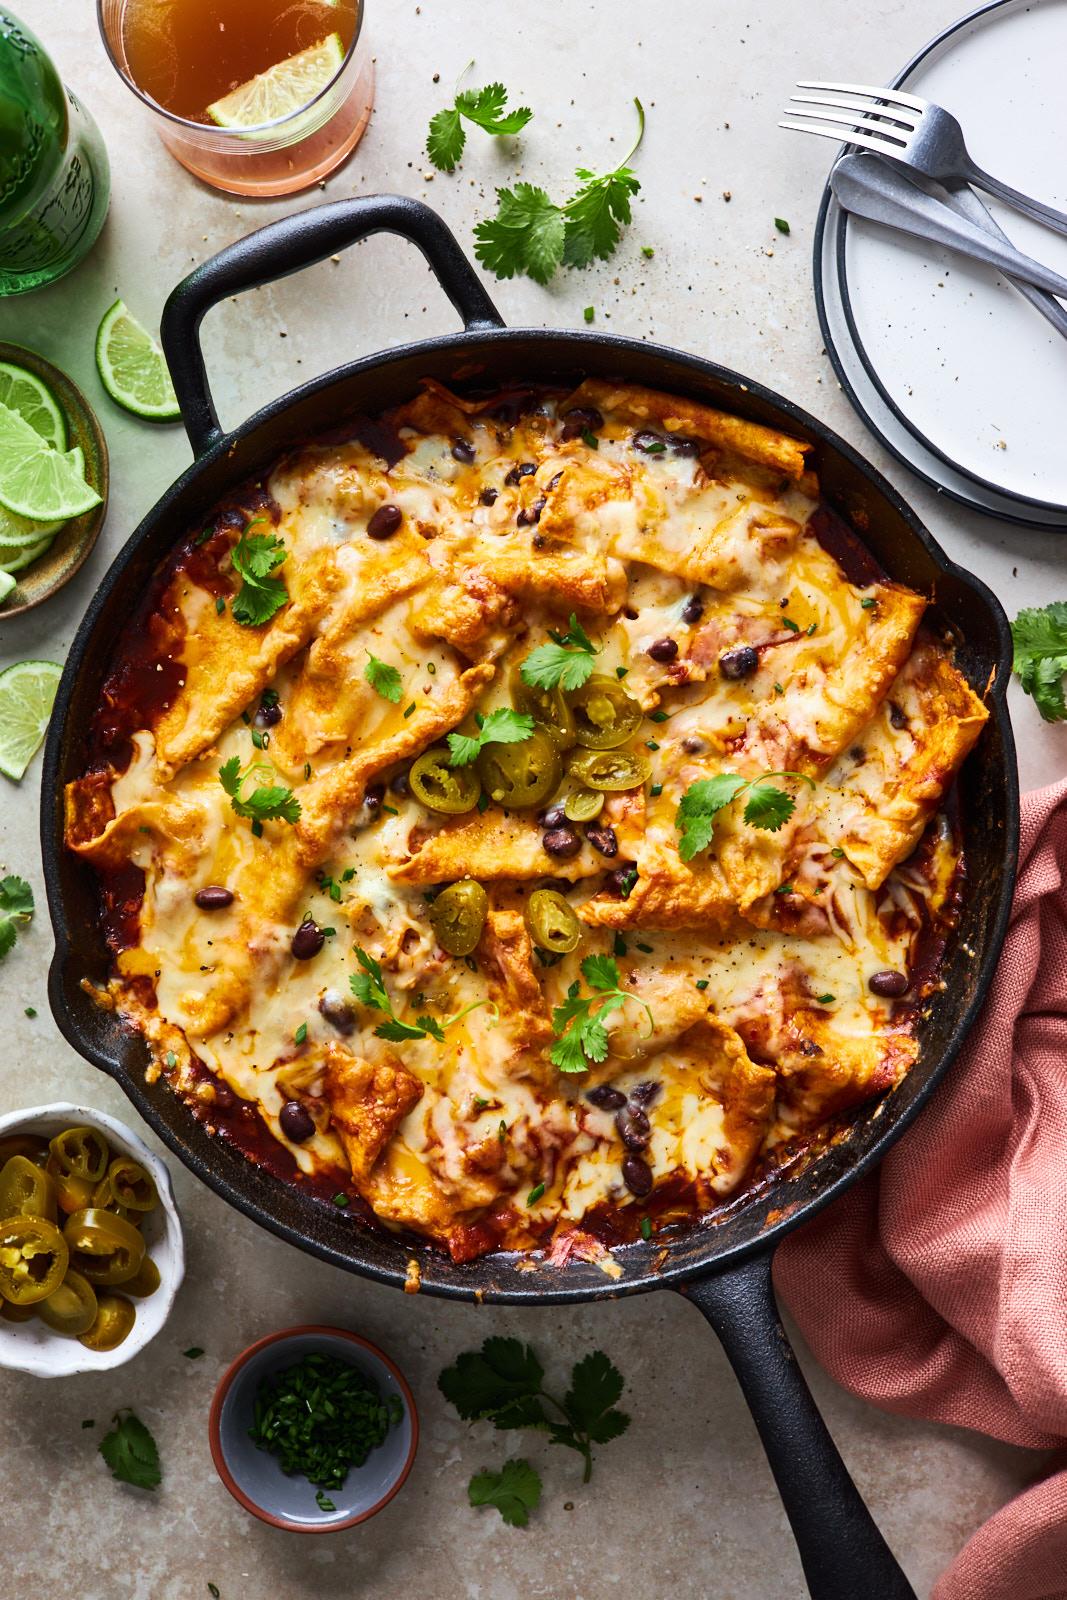 Easy One Pan Cheesy Enchiladas